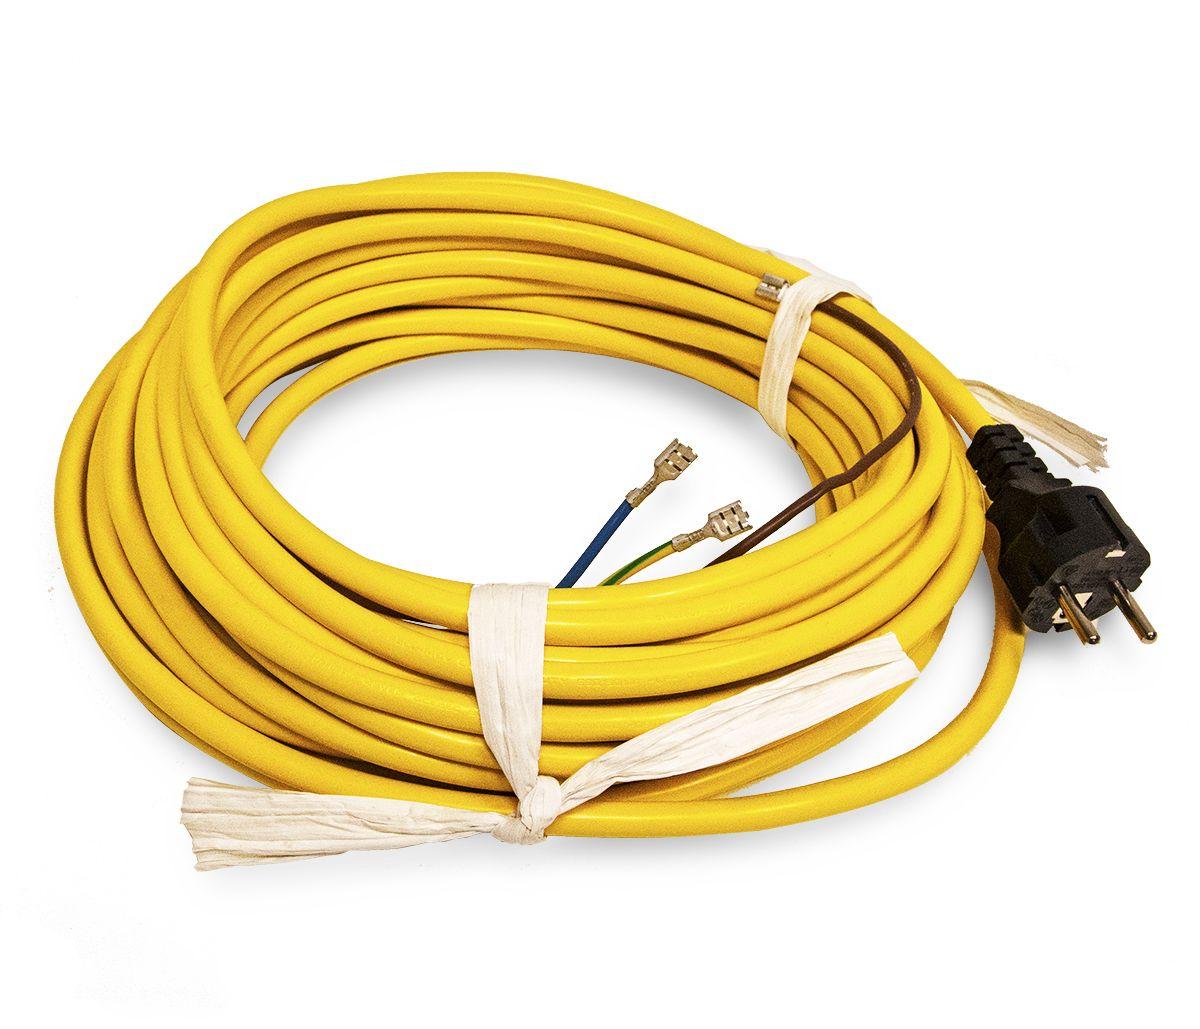 Snoer 15m 3x1,5mm geel t.b.v. HFM